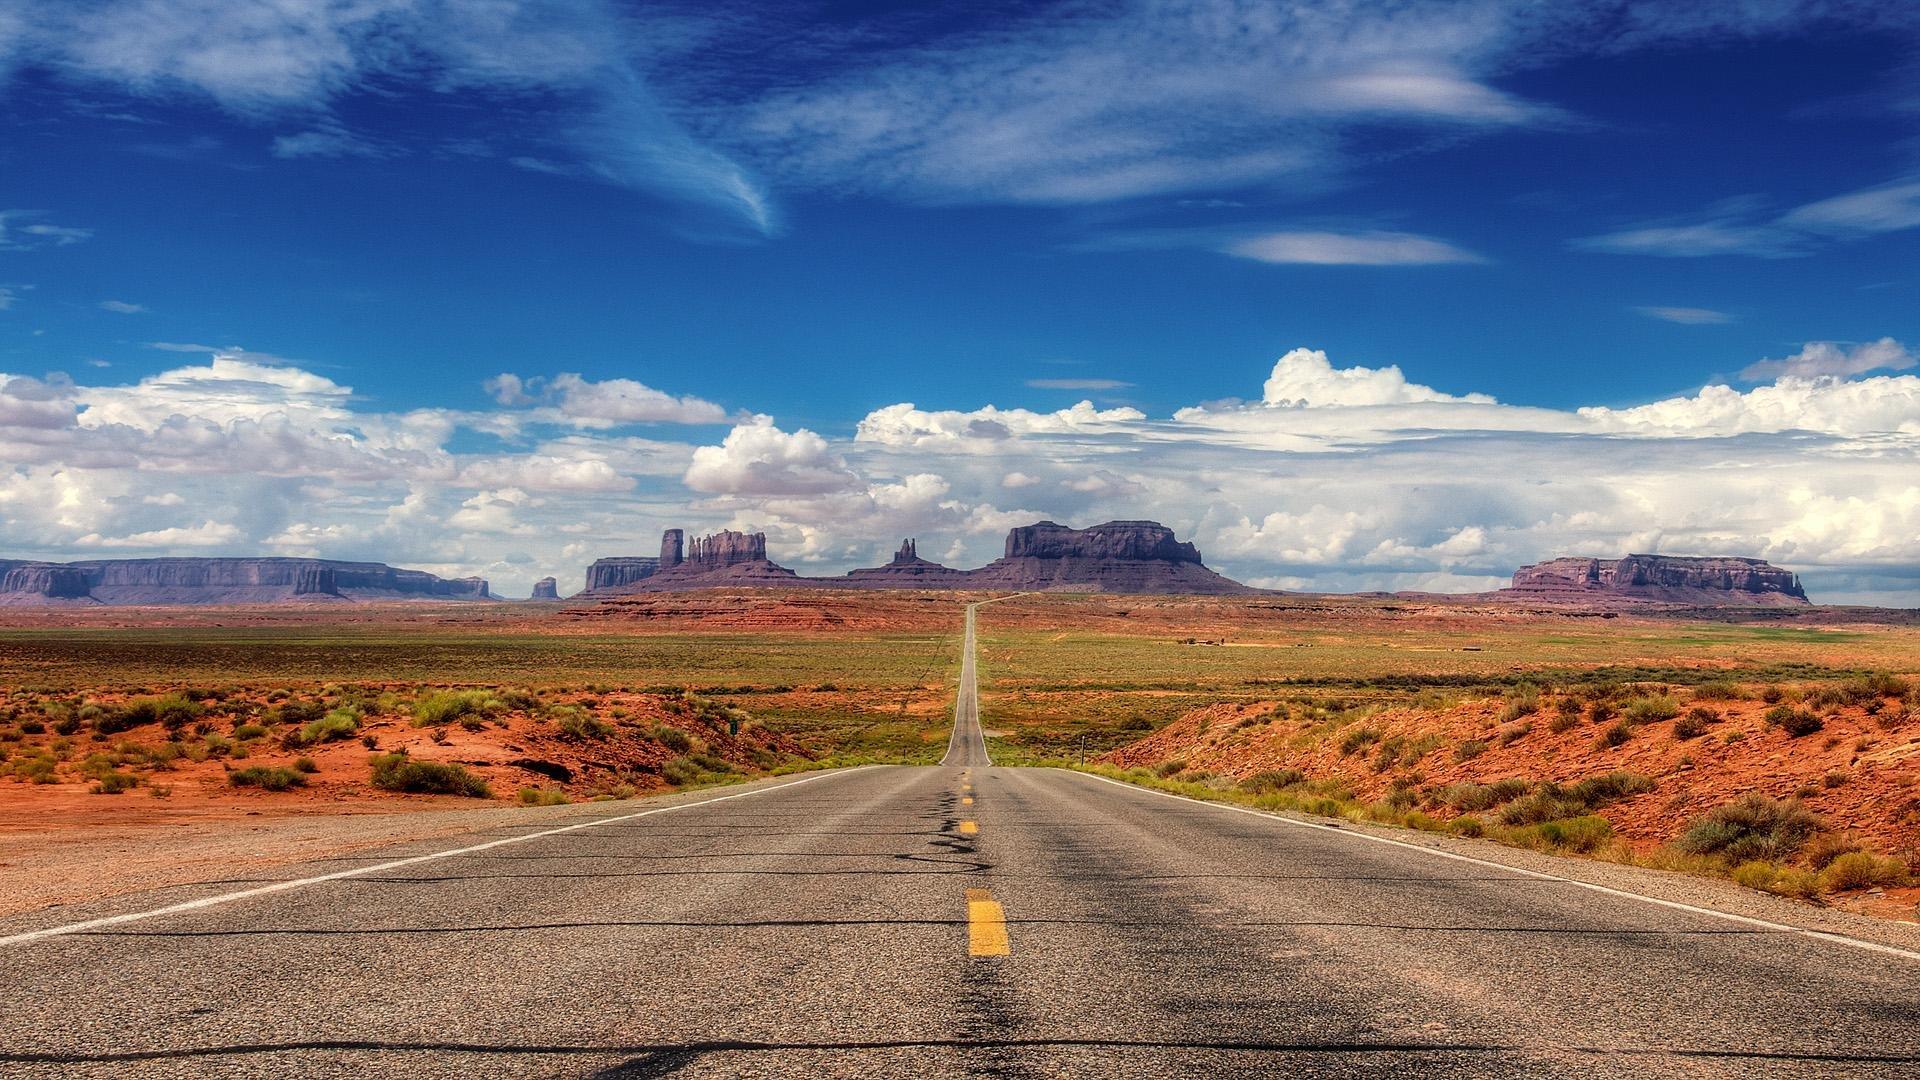 Pan-American Highway, Americas